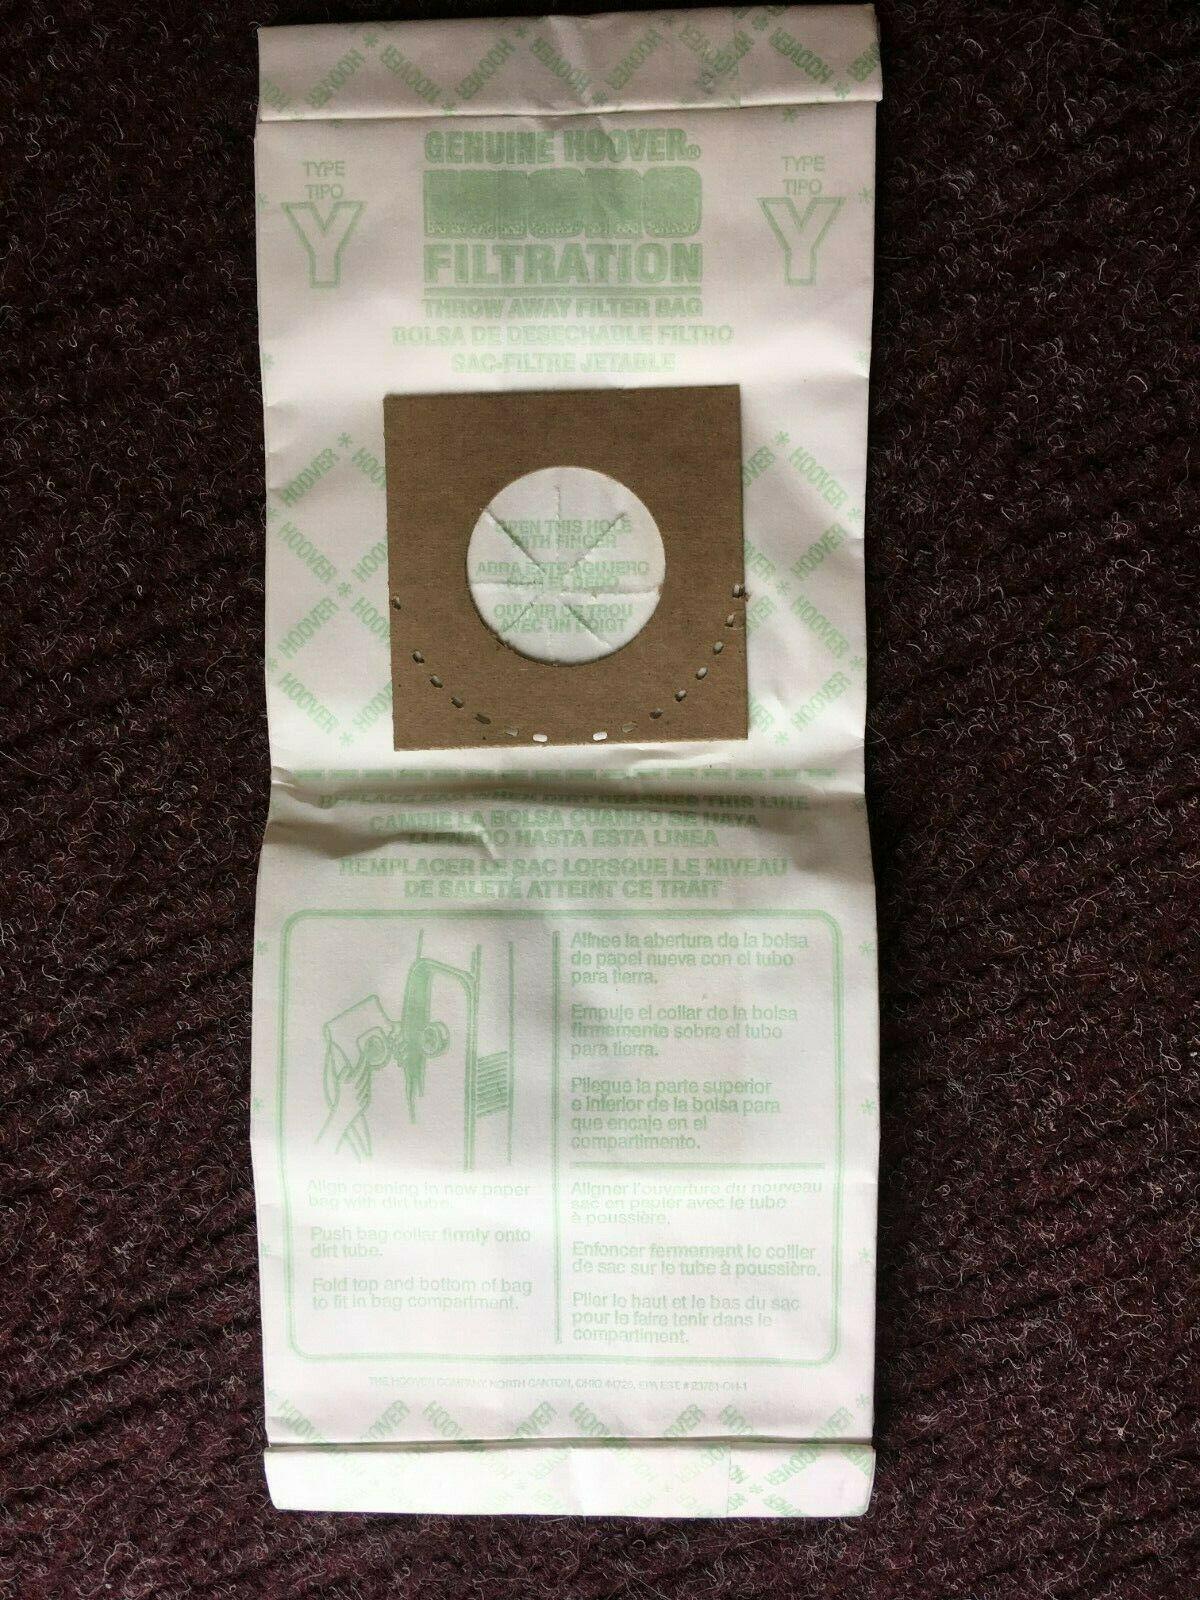 5-PACK Genuine Hoover Y Vacuum Cleaner Bags Micro Allergen Filtration 4010100Y